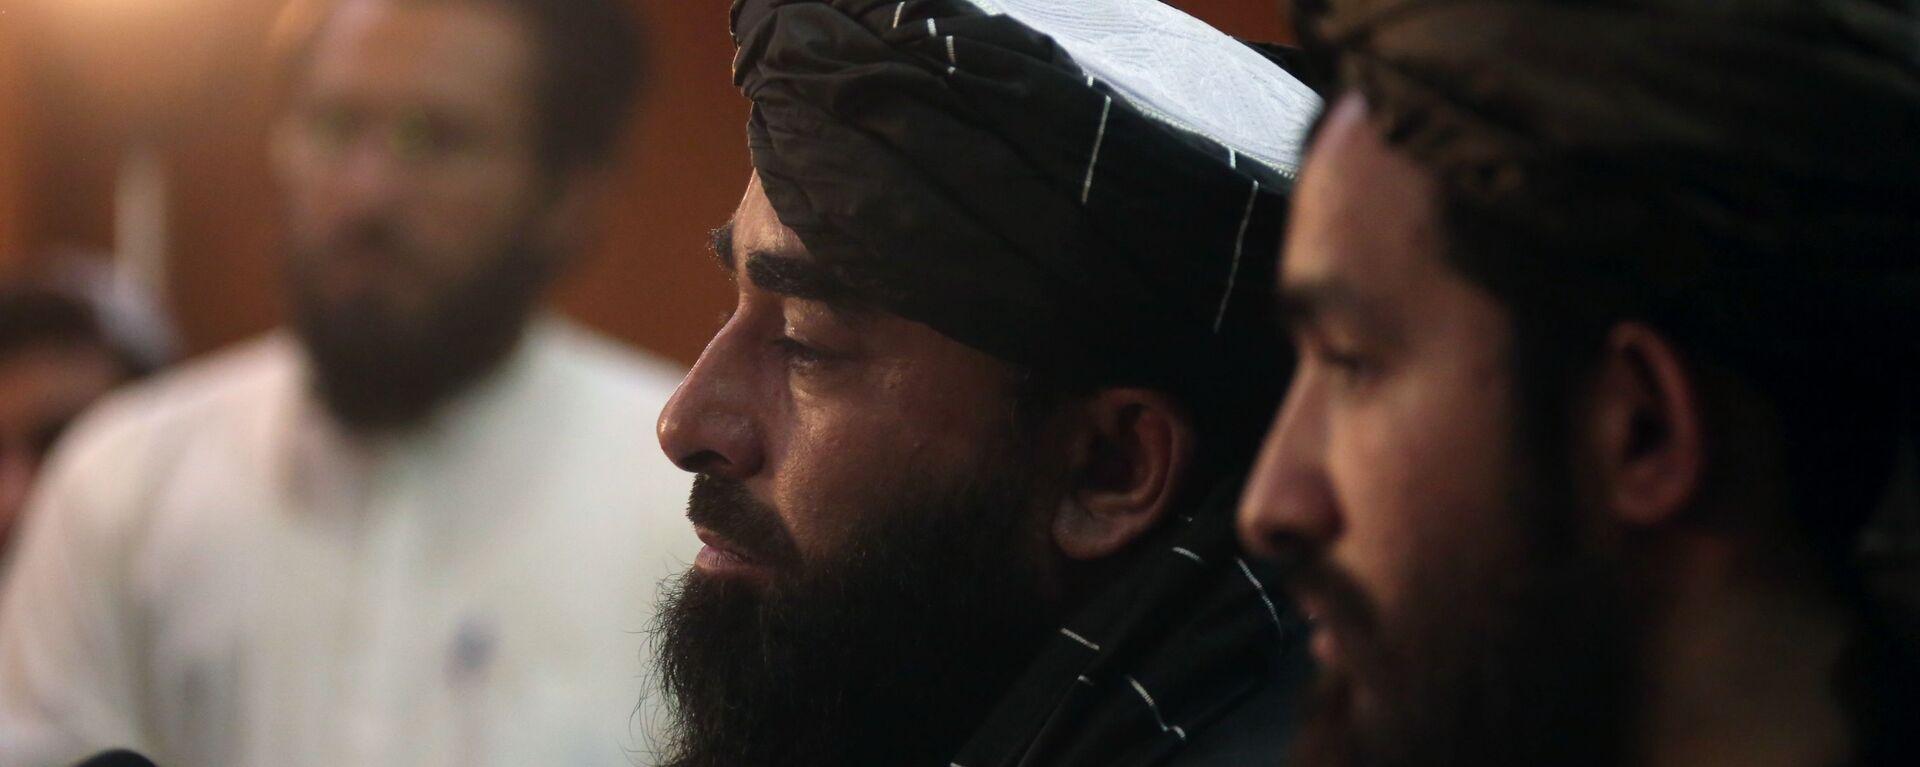 Представитель движения Талибан Забиулла Муджахид во время пресс-конференции в Кабуле (17 августа 2021). Афганистан - Sputnik Армения, 1920, 05.09.2021